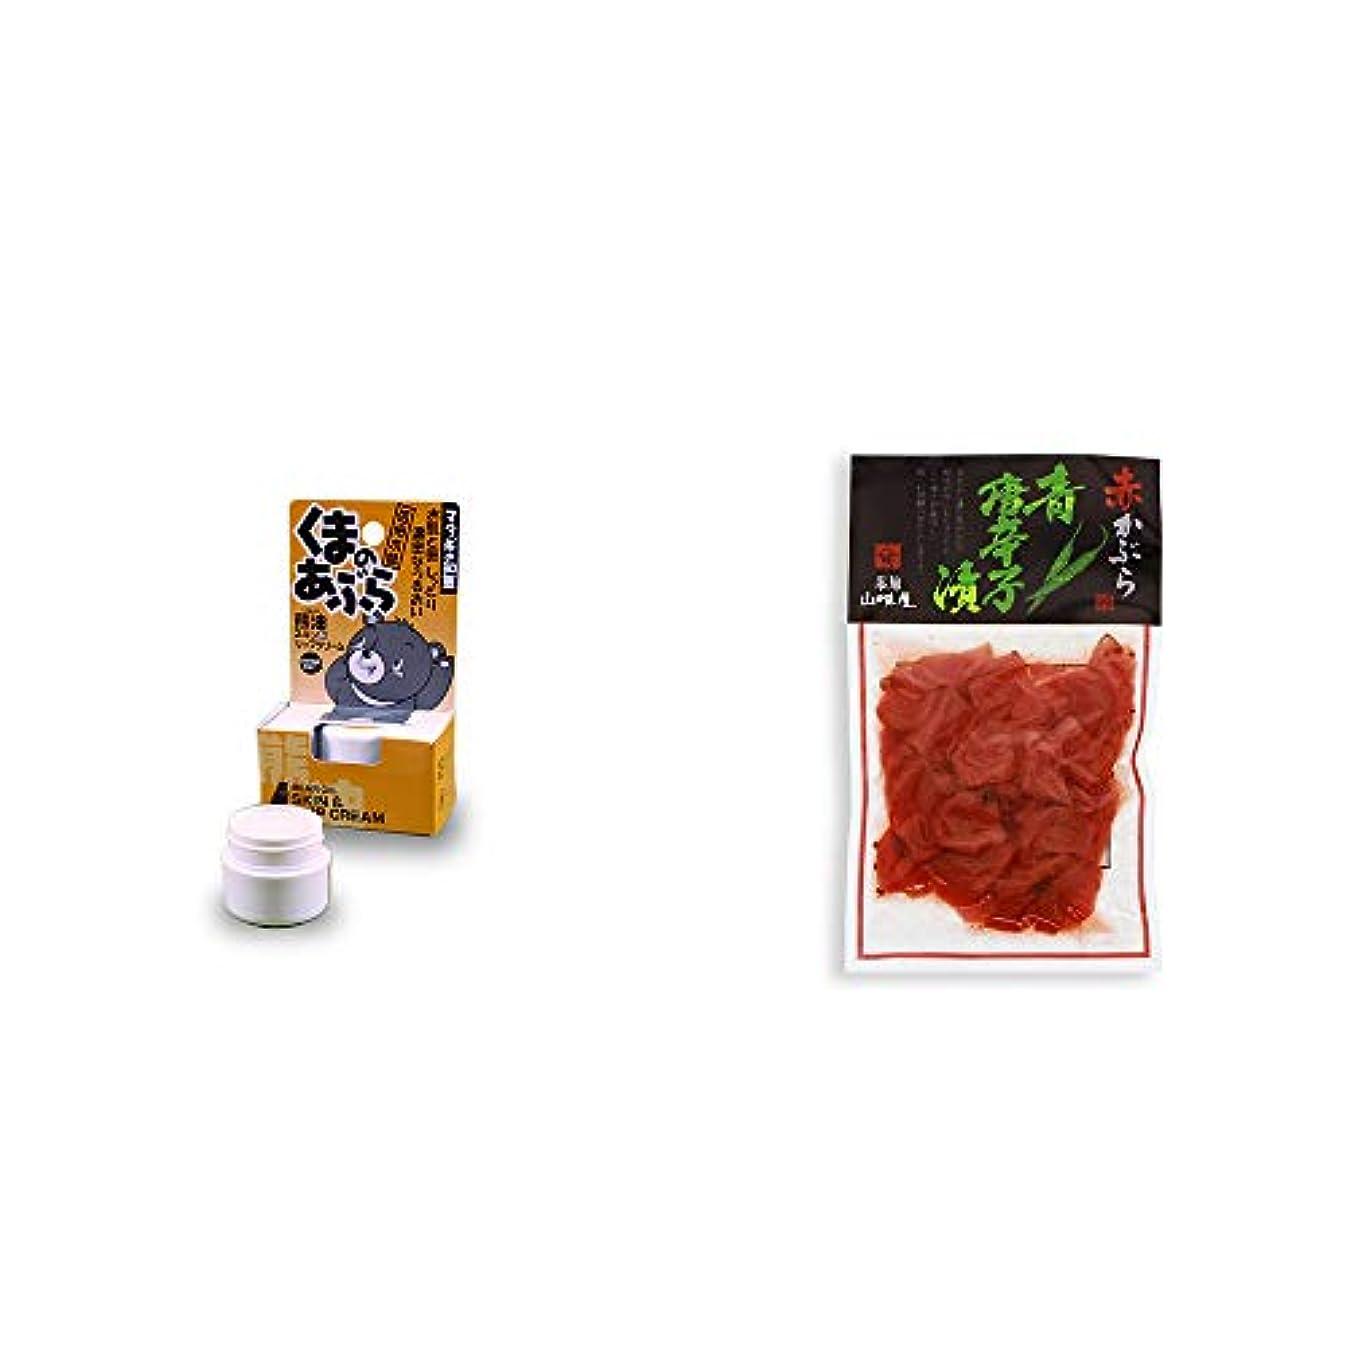 経済的背の高い経験的[2点セット] 信州木曽 くまのあぶら 熊油スキン&リップクリーム(9g)?飛騨山味屋 赤かぶら 青唐辛子漬(140g)